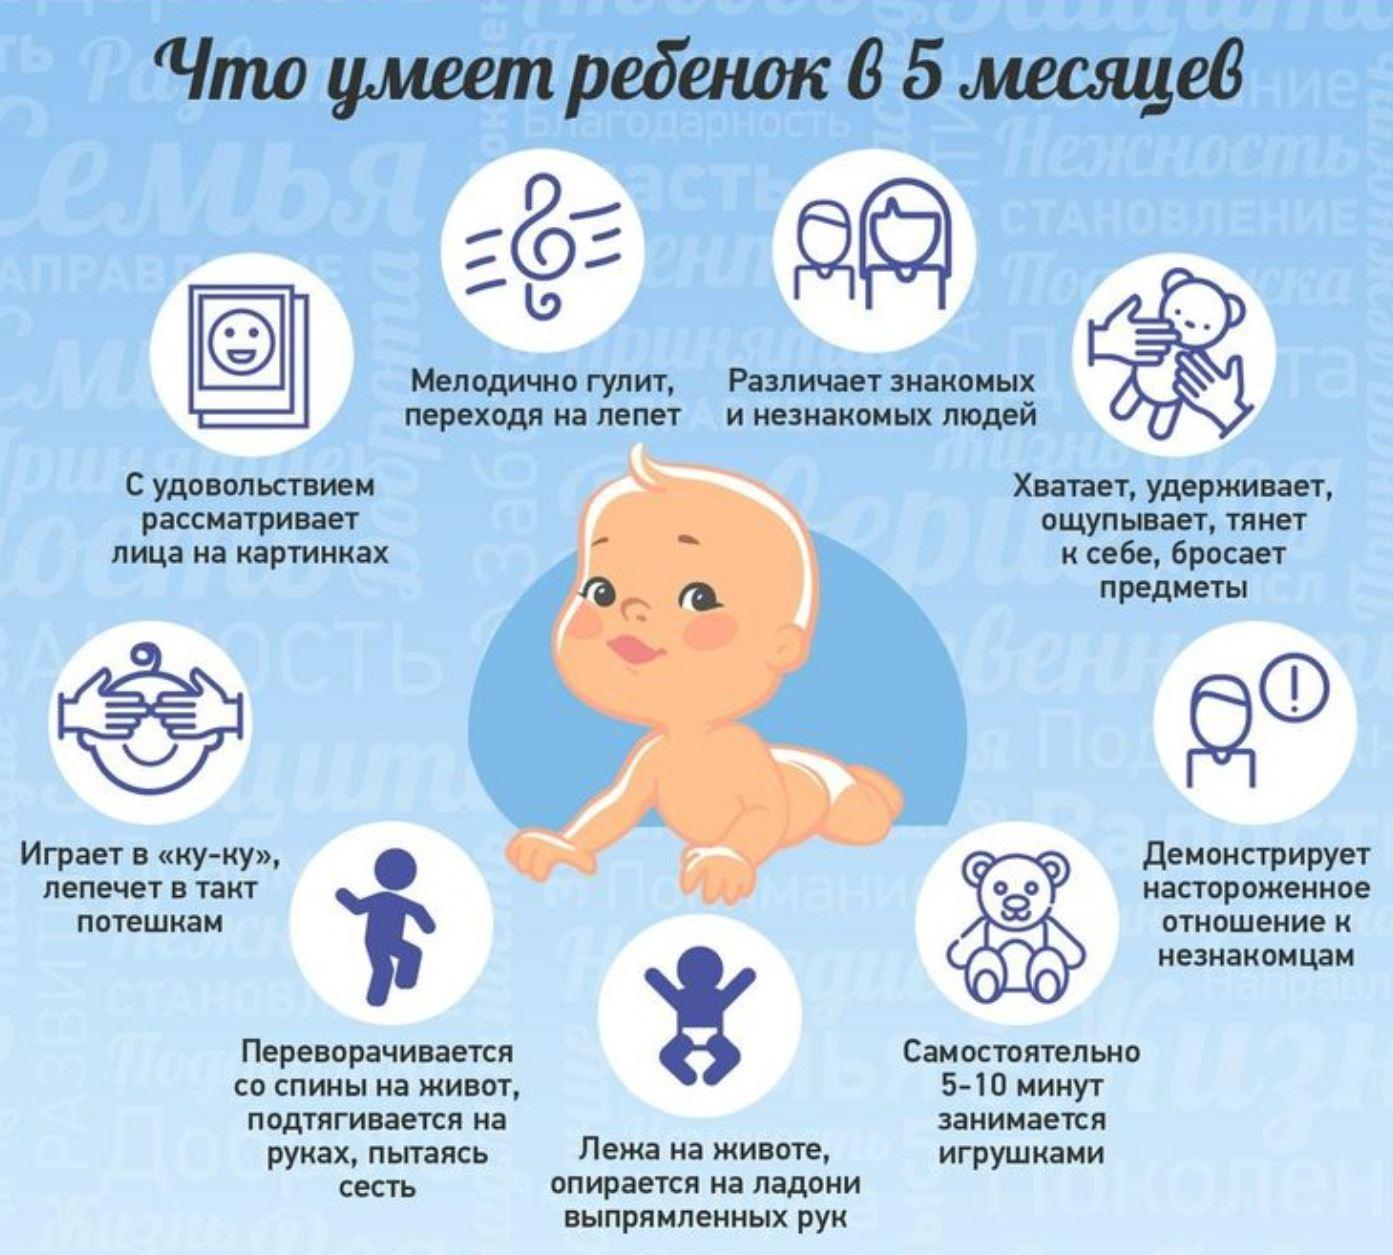 Что умеет ребенок в 5 месяцев